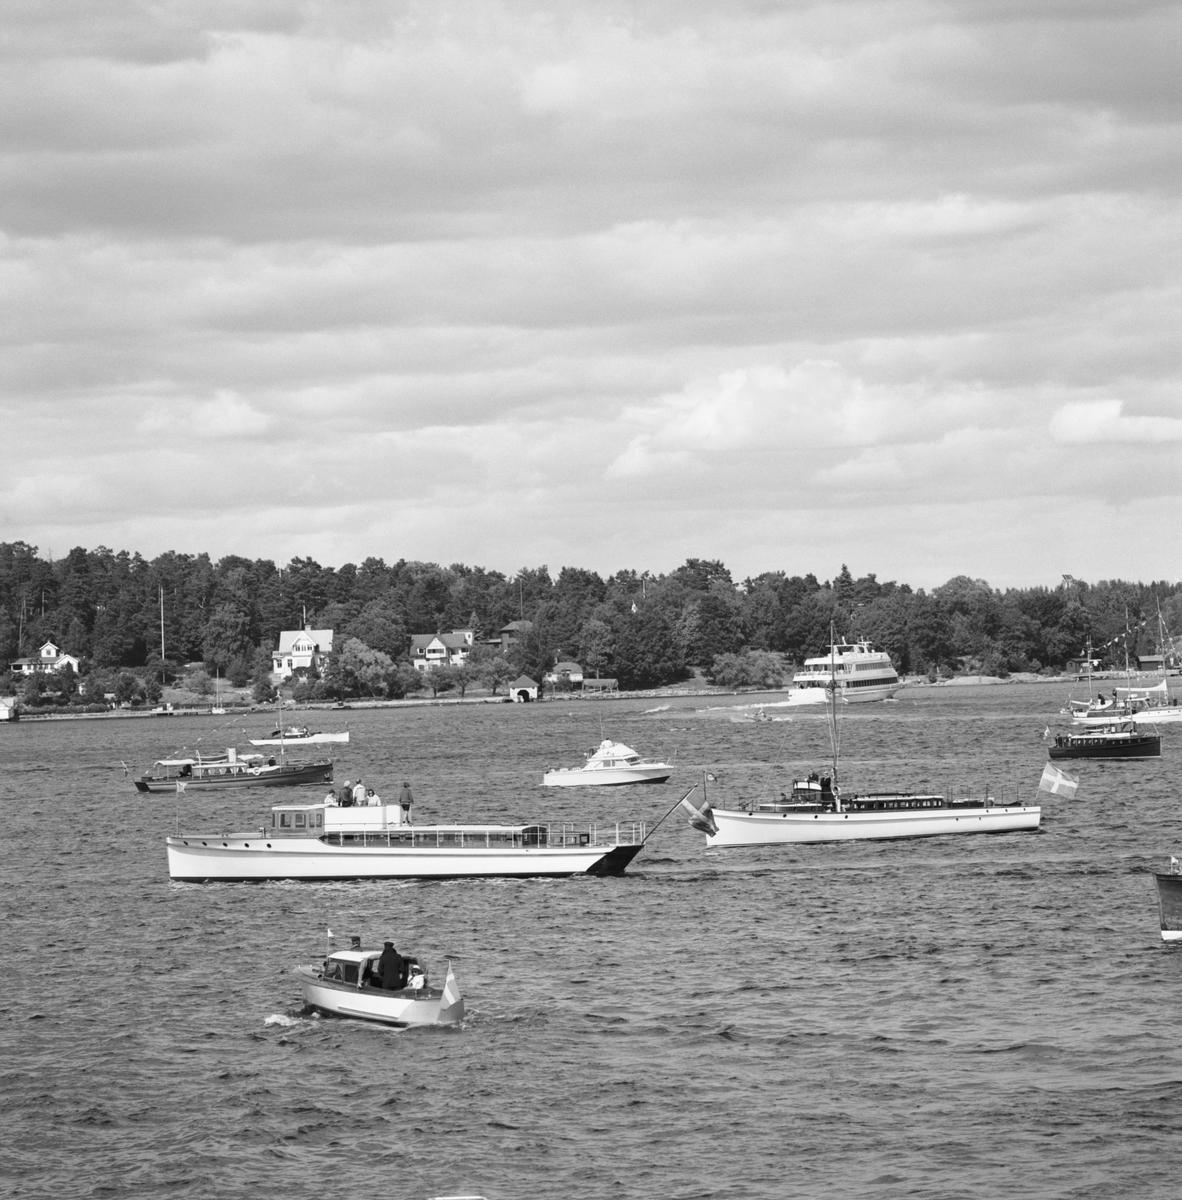 Övrigt: Classic Yacht Festival i Vaxholm 3-5 Juli 1992 Fototillfälle:920704-120